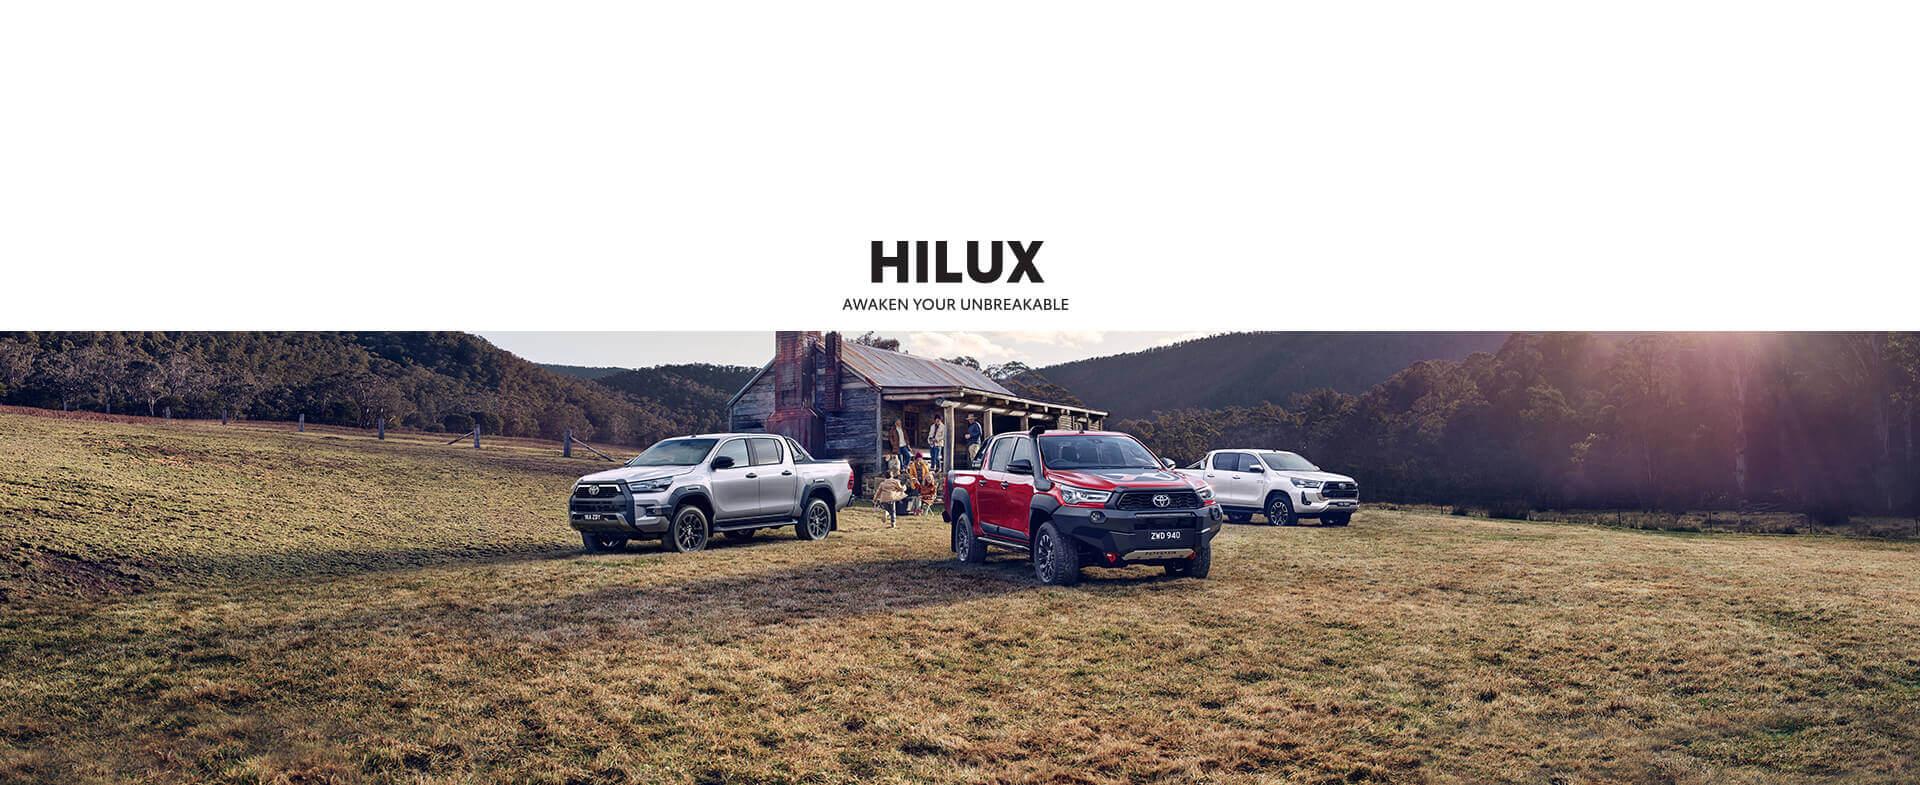 HILUX - AWAKEN YOUR UNBREAKABLE